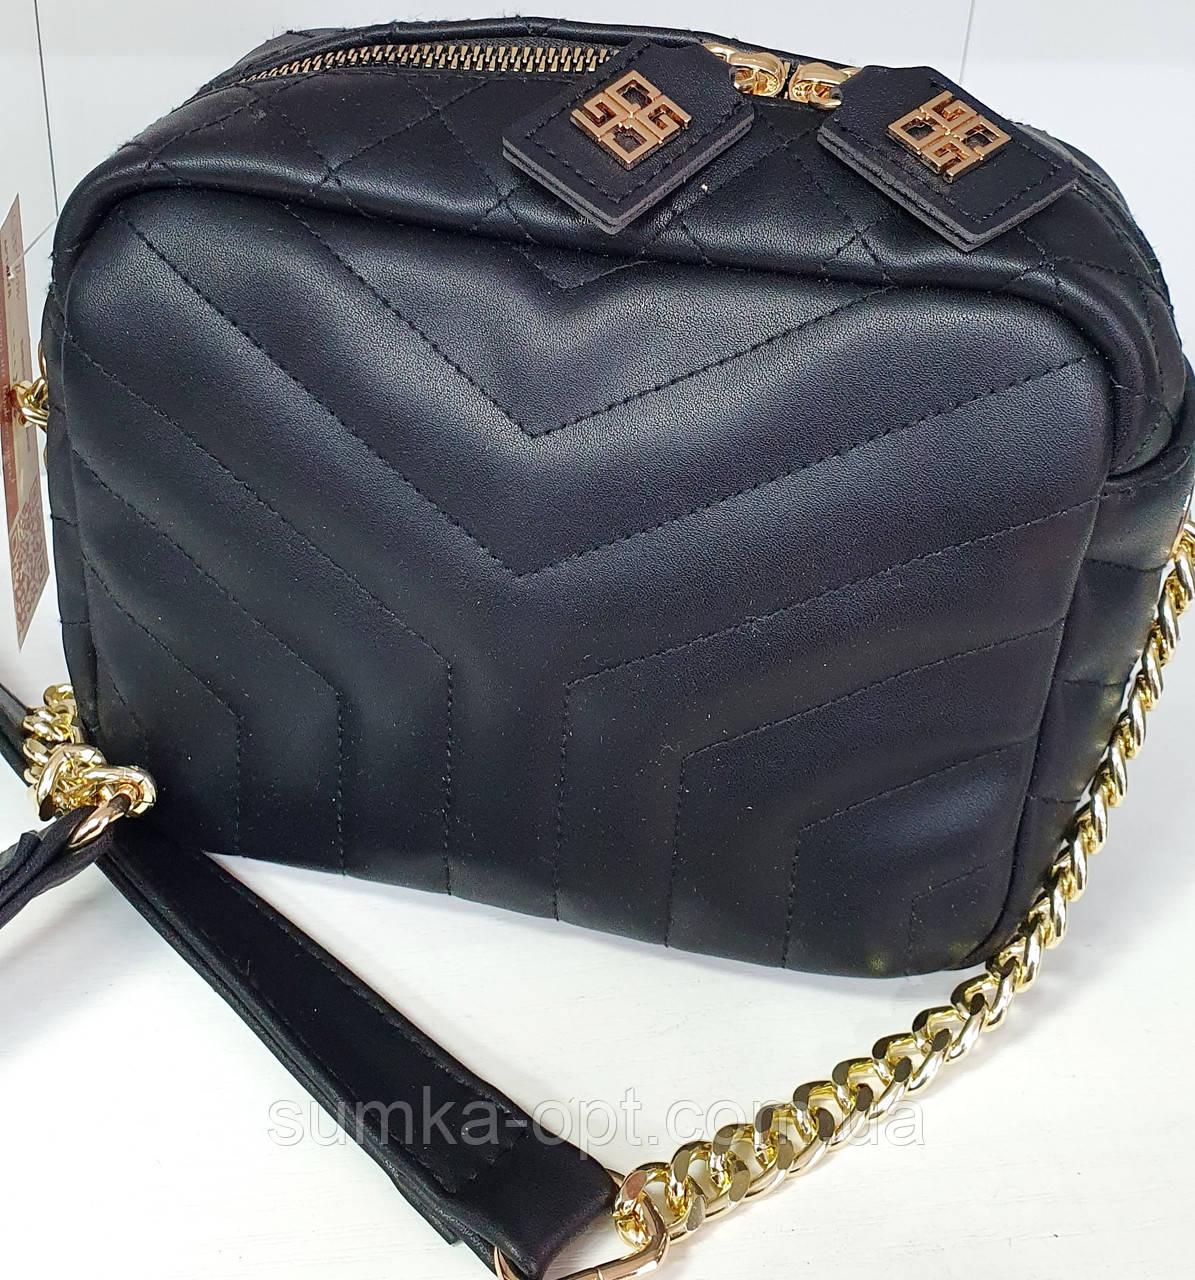 Брендова жіночий сумка Zara 28*30 см, чорна з червоним